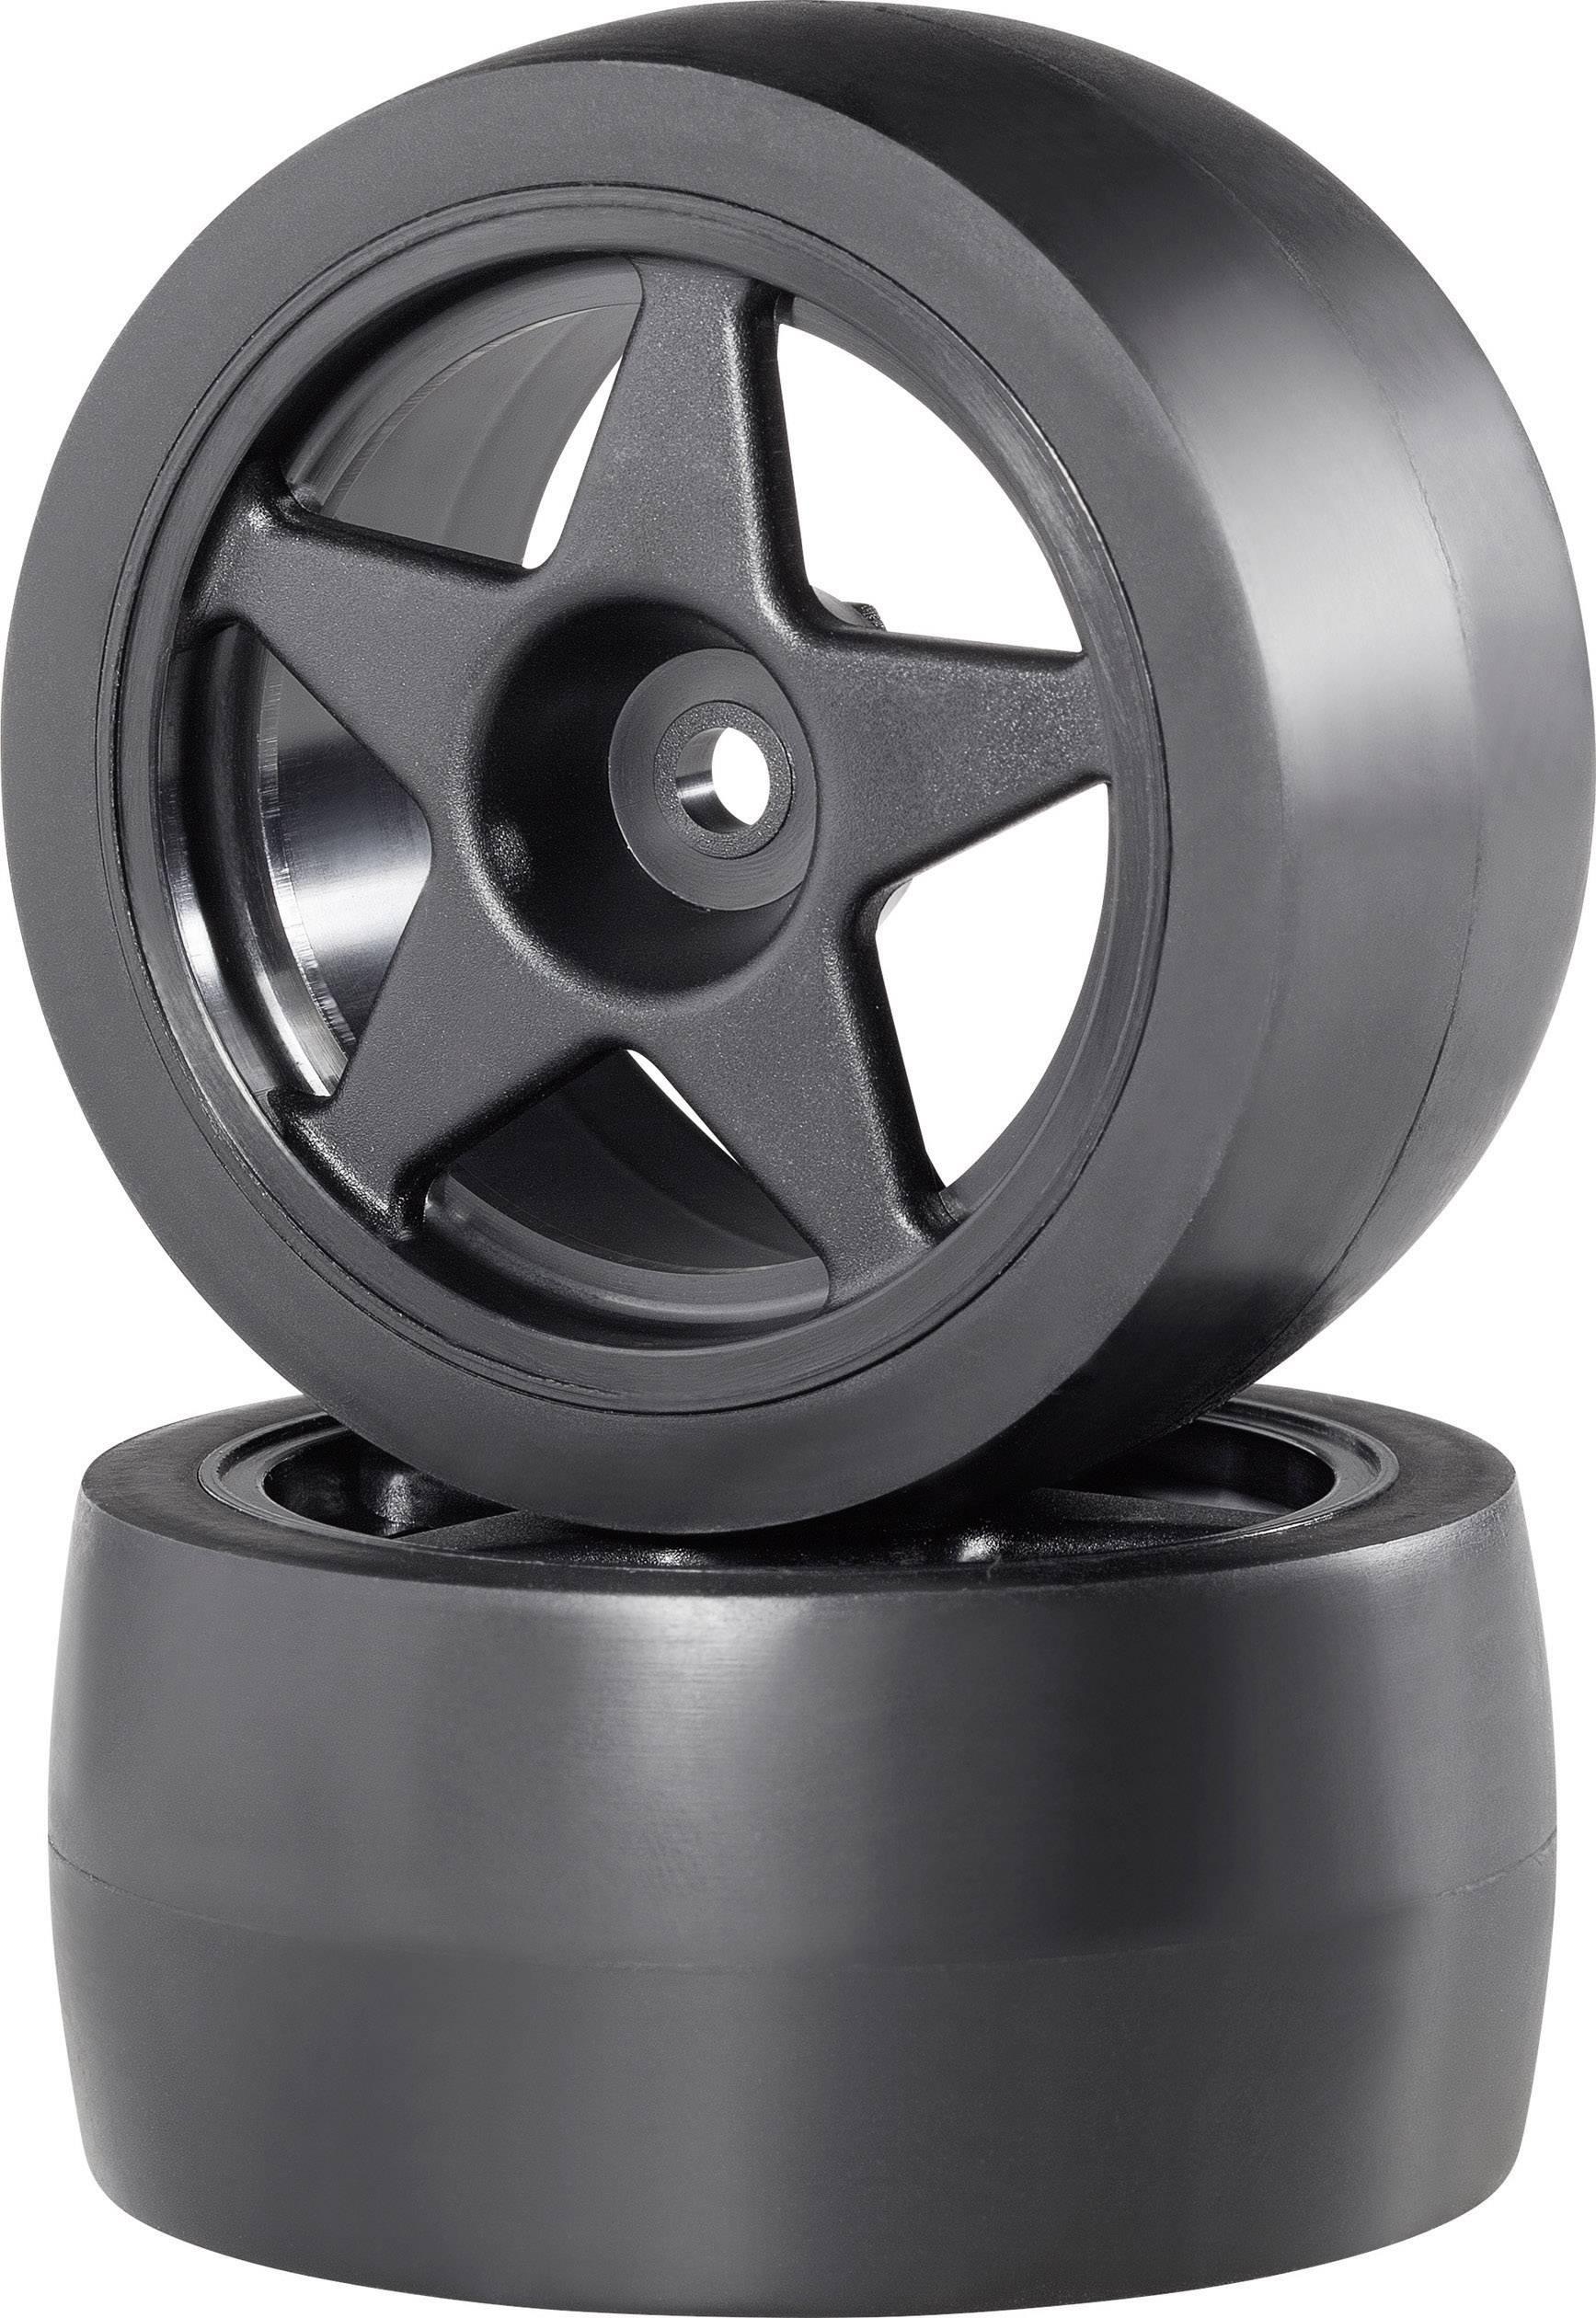 Kompletné kolesá Slick široká Reely CB3692BB1 pre buggy, 67 mm, 1:10, 2 ks, čierna